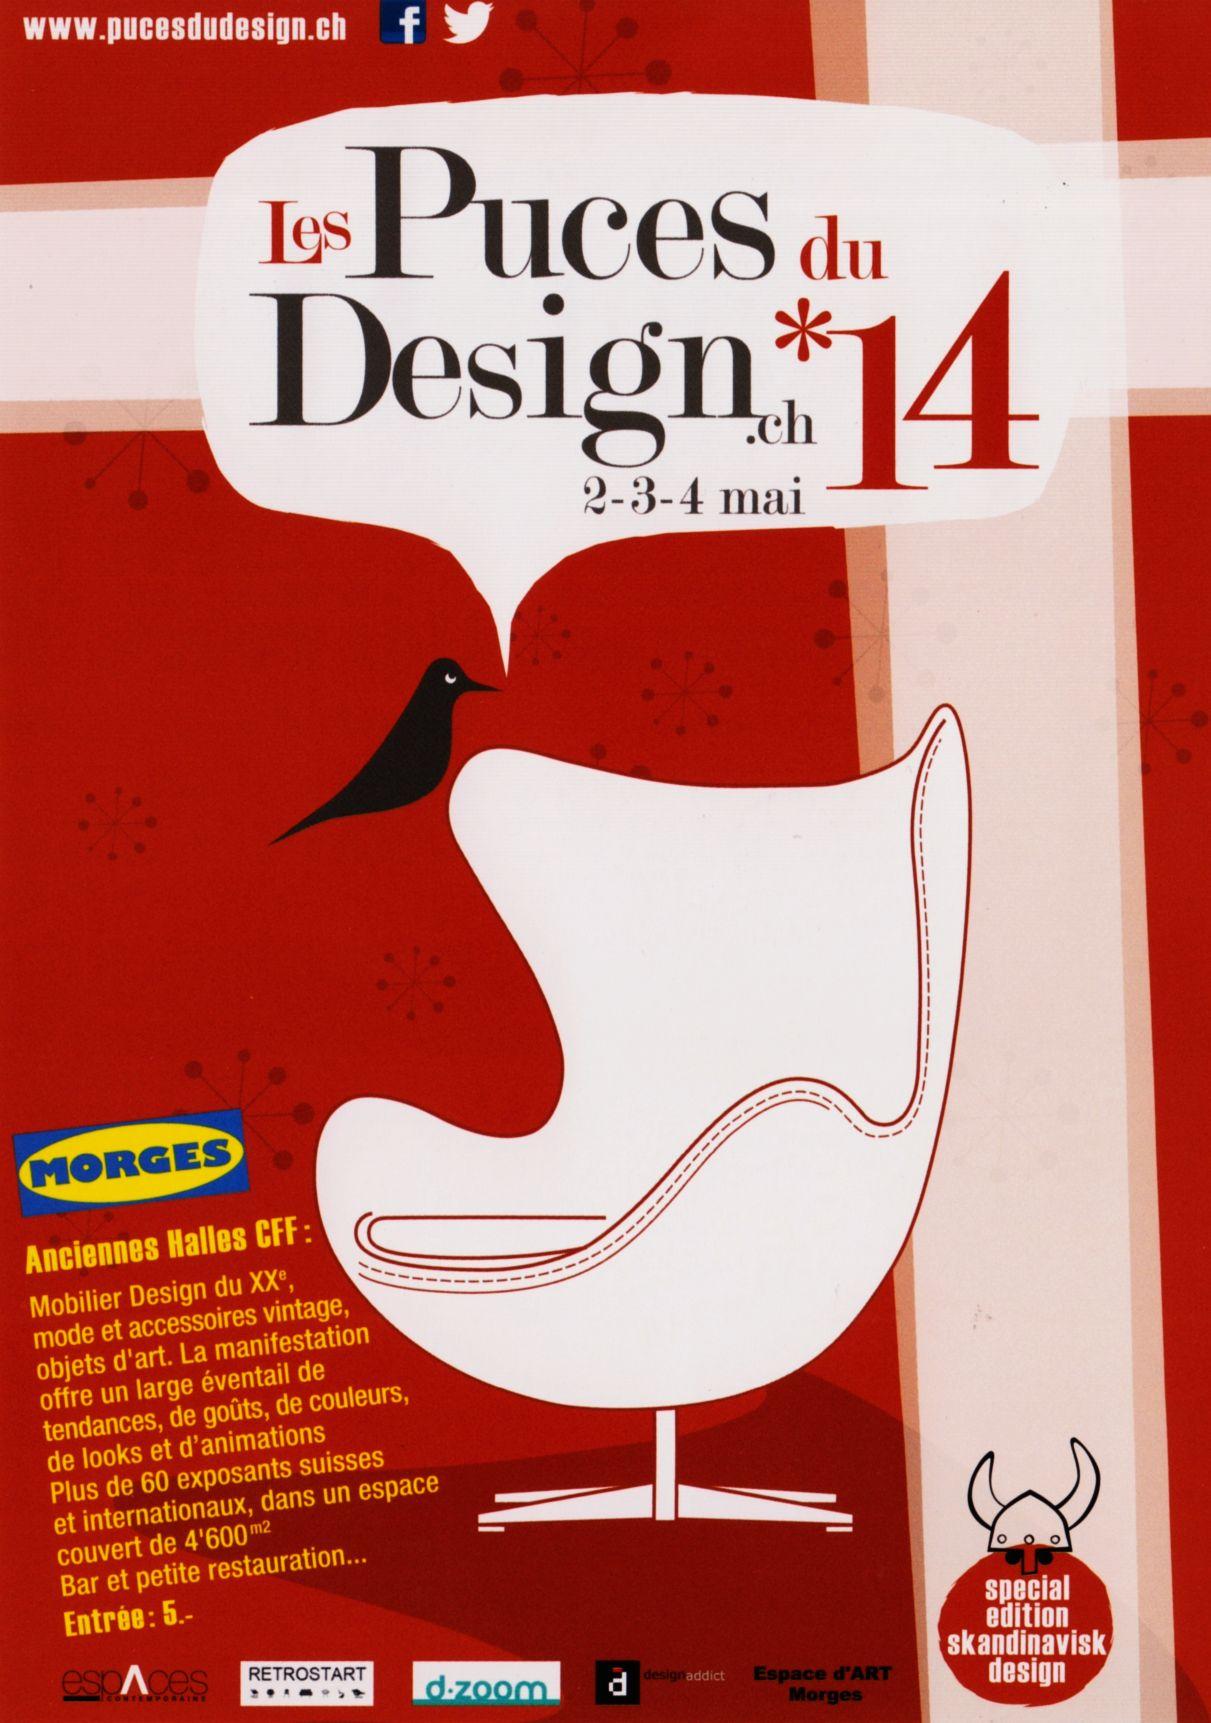 puces du design 14 galerie d2. Black Bedroom Furniture Sets. Home Design Ideas